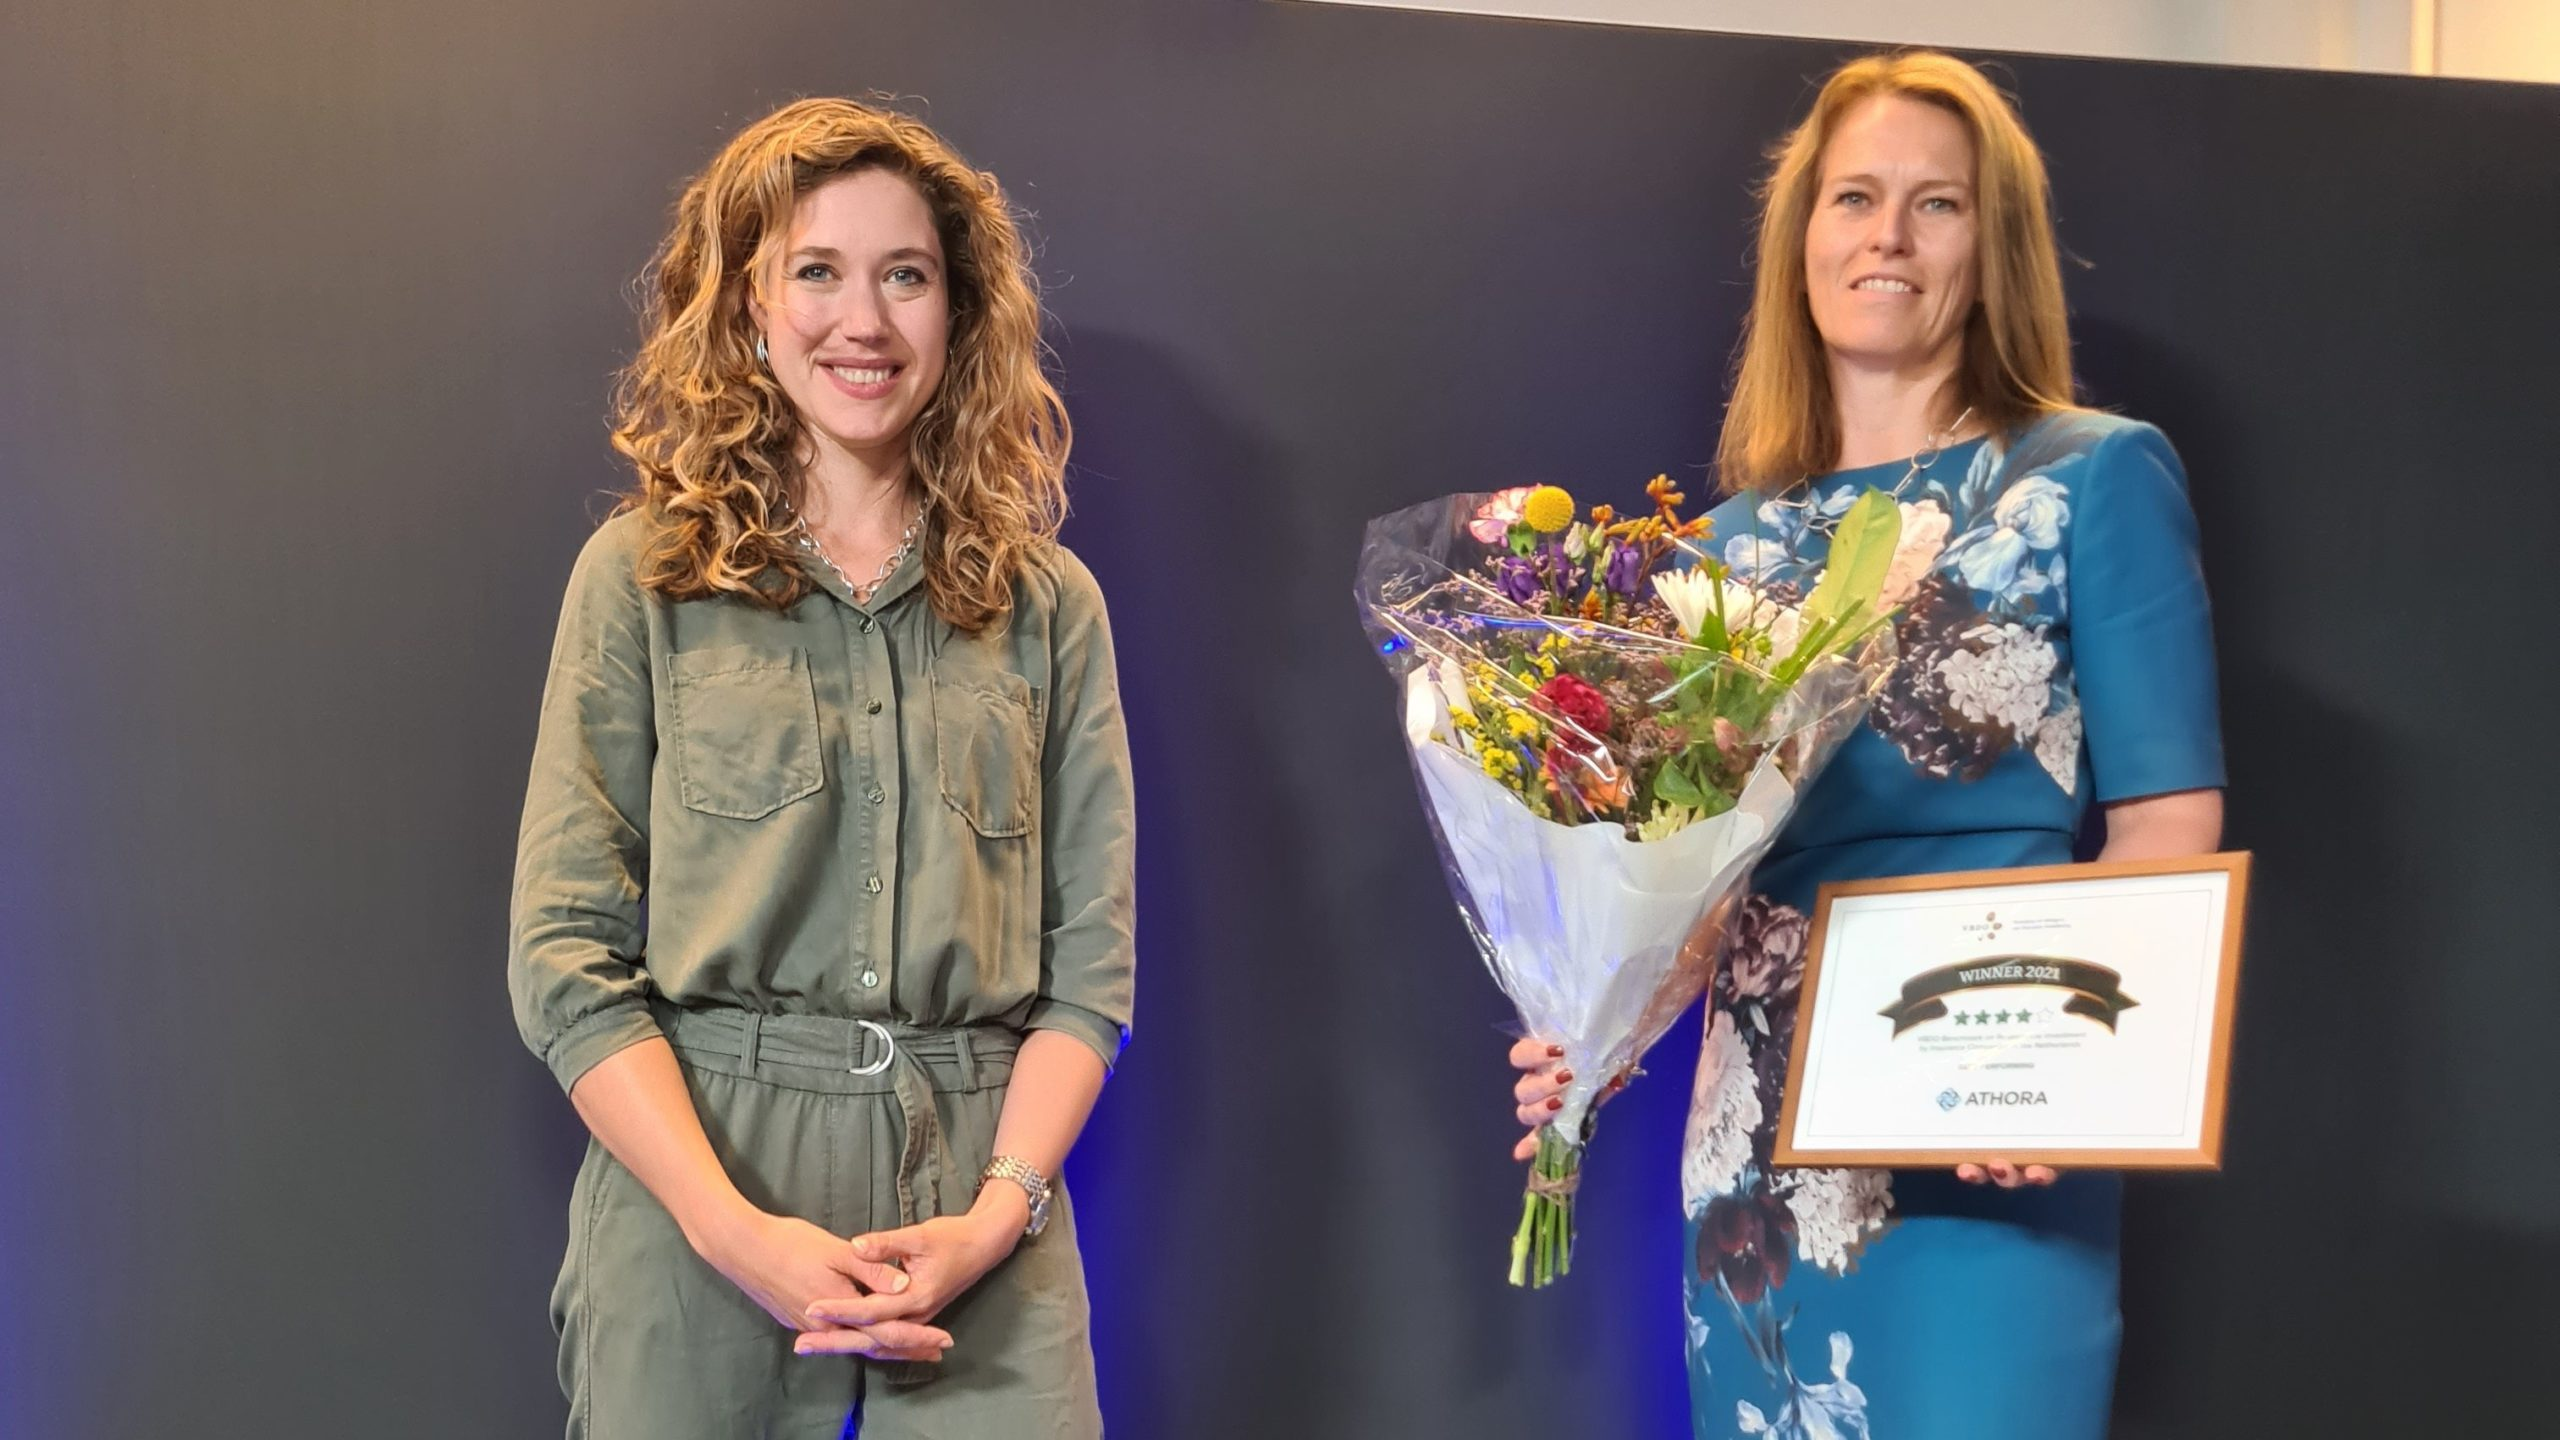 Flink aantal verzekeraars heeft nog geen klimaatbeleid, Athora koploper